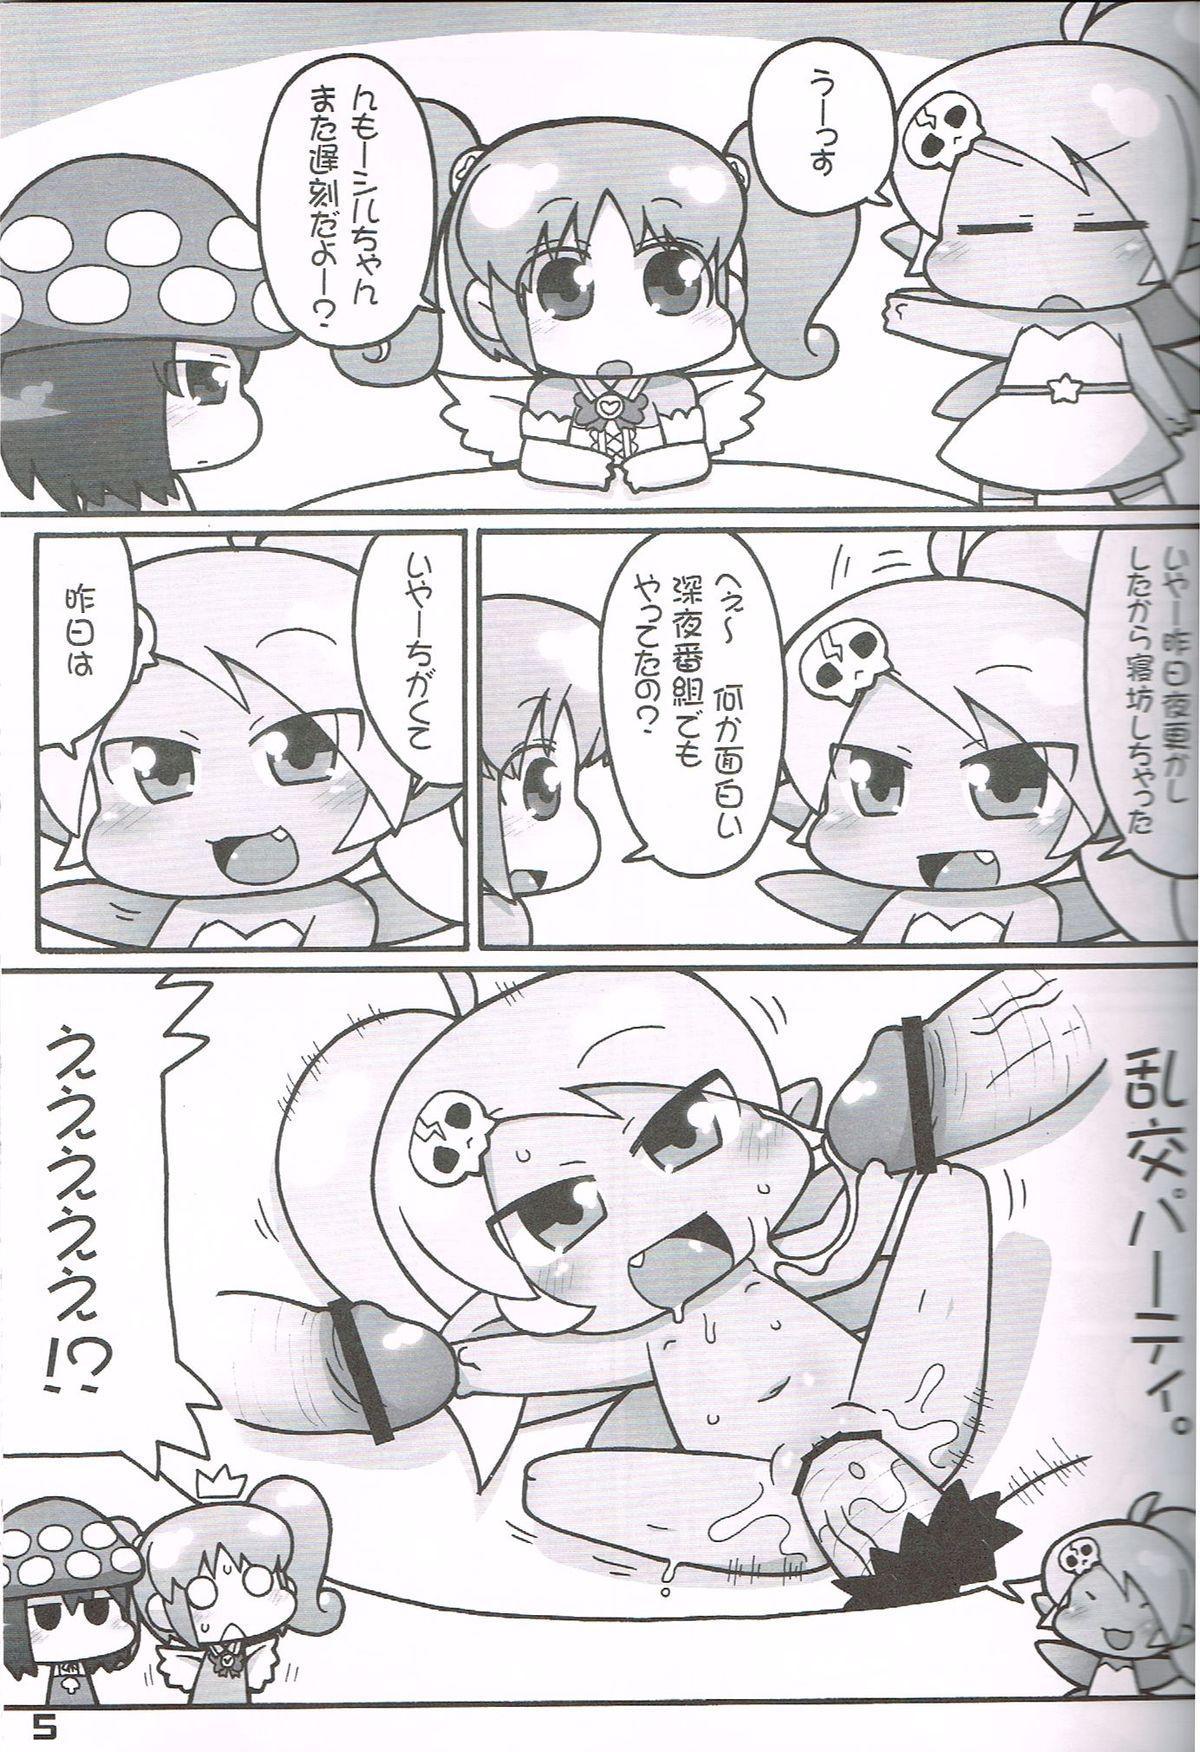 """Hatashite Konofuyu Nansatsu no Doujinshi ga """"○○ Fairies"""" Toiu Title Darouka 3"""